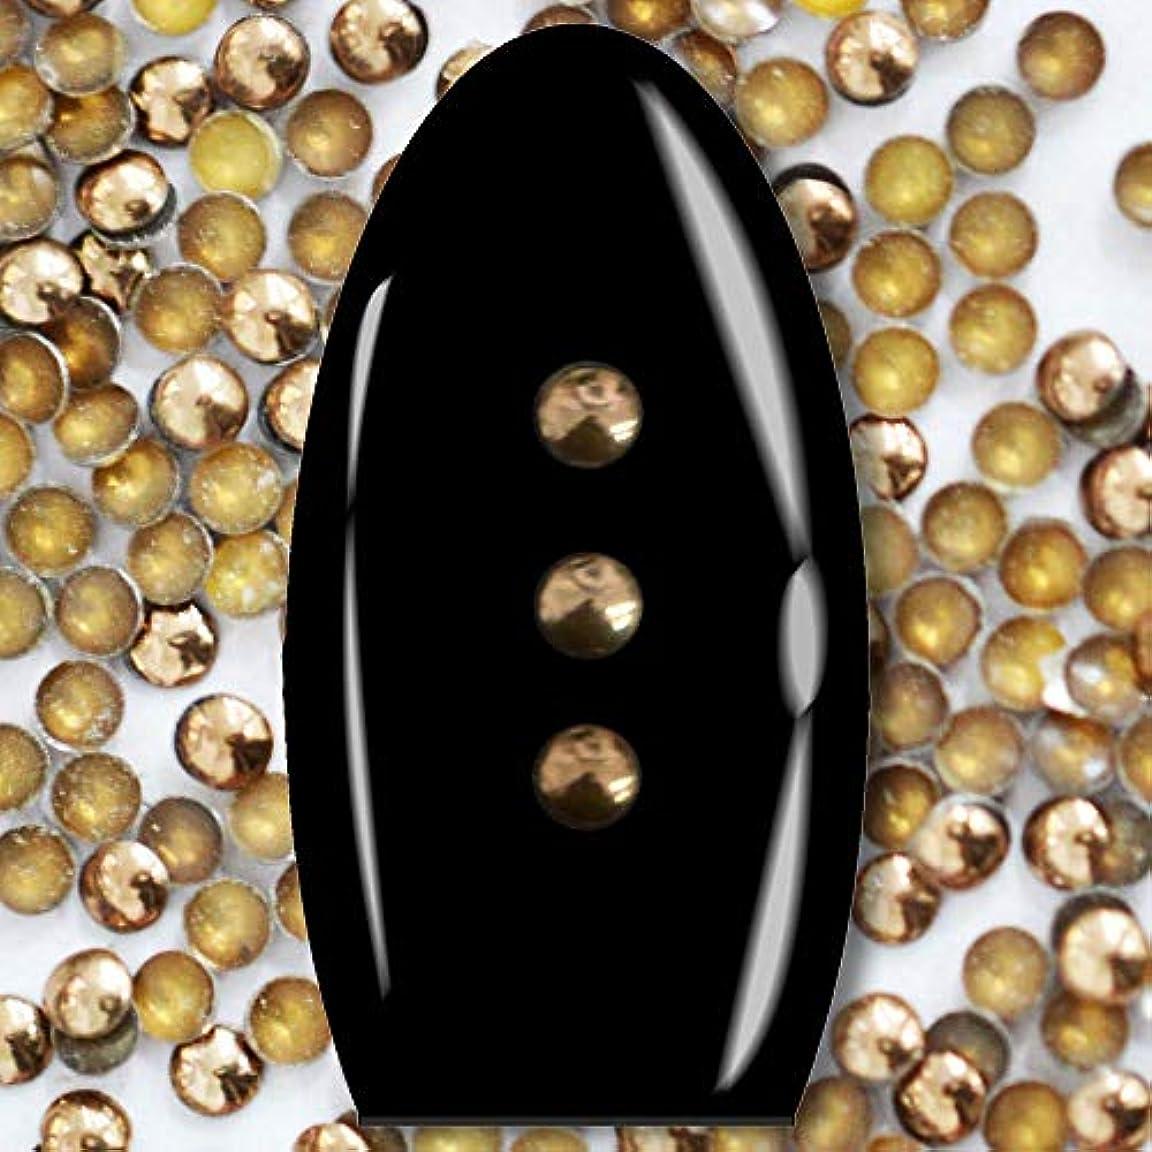 バイアス民族主義マットレスメタルスタッズ ネイル用 100粒 STZ026 ラウンド ブロンズ Φ2mm ぷっくり半球型